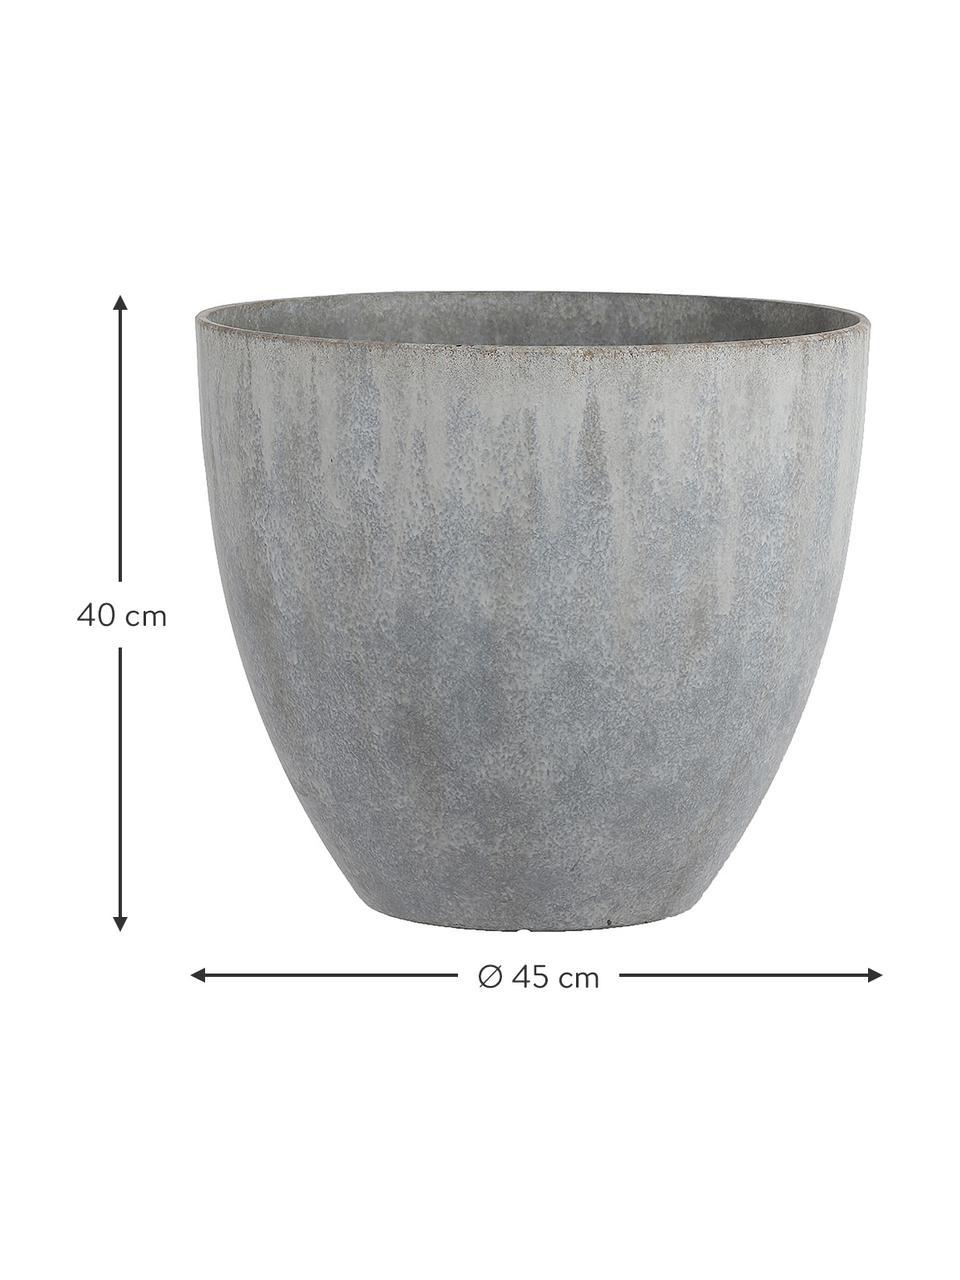 XL Pflanztopf  Bravo, Kunststoff, Grau, Ø 45 x H 40 cm